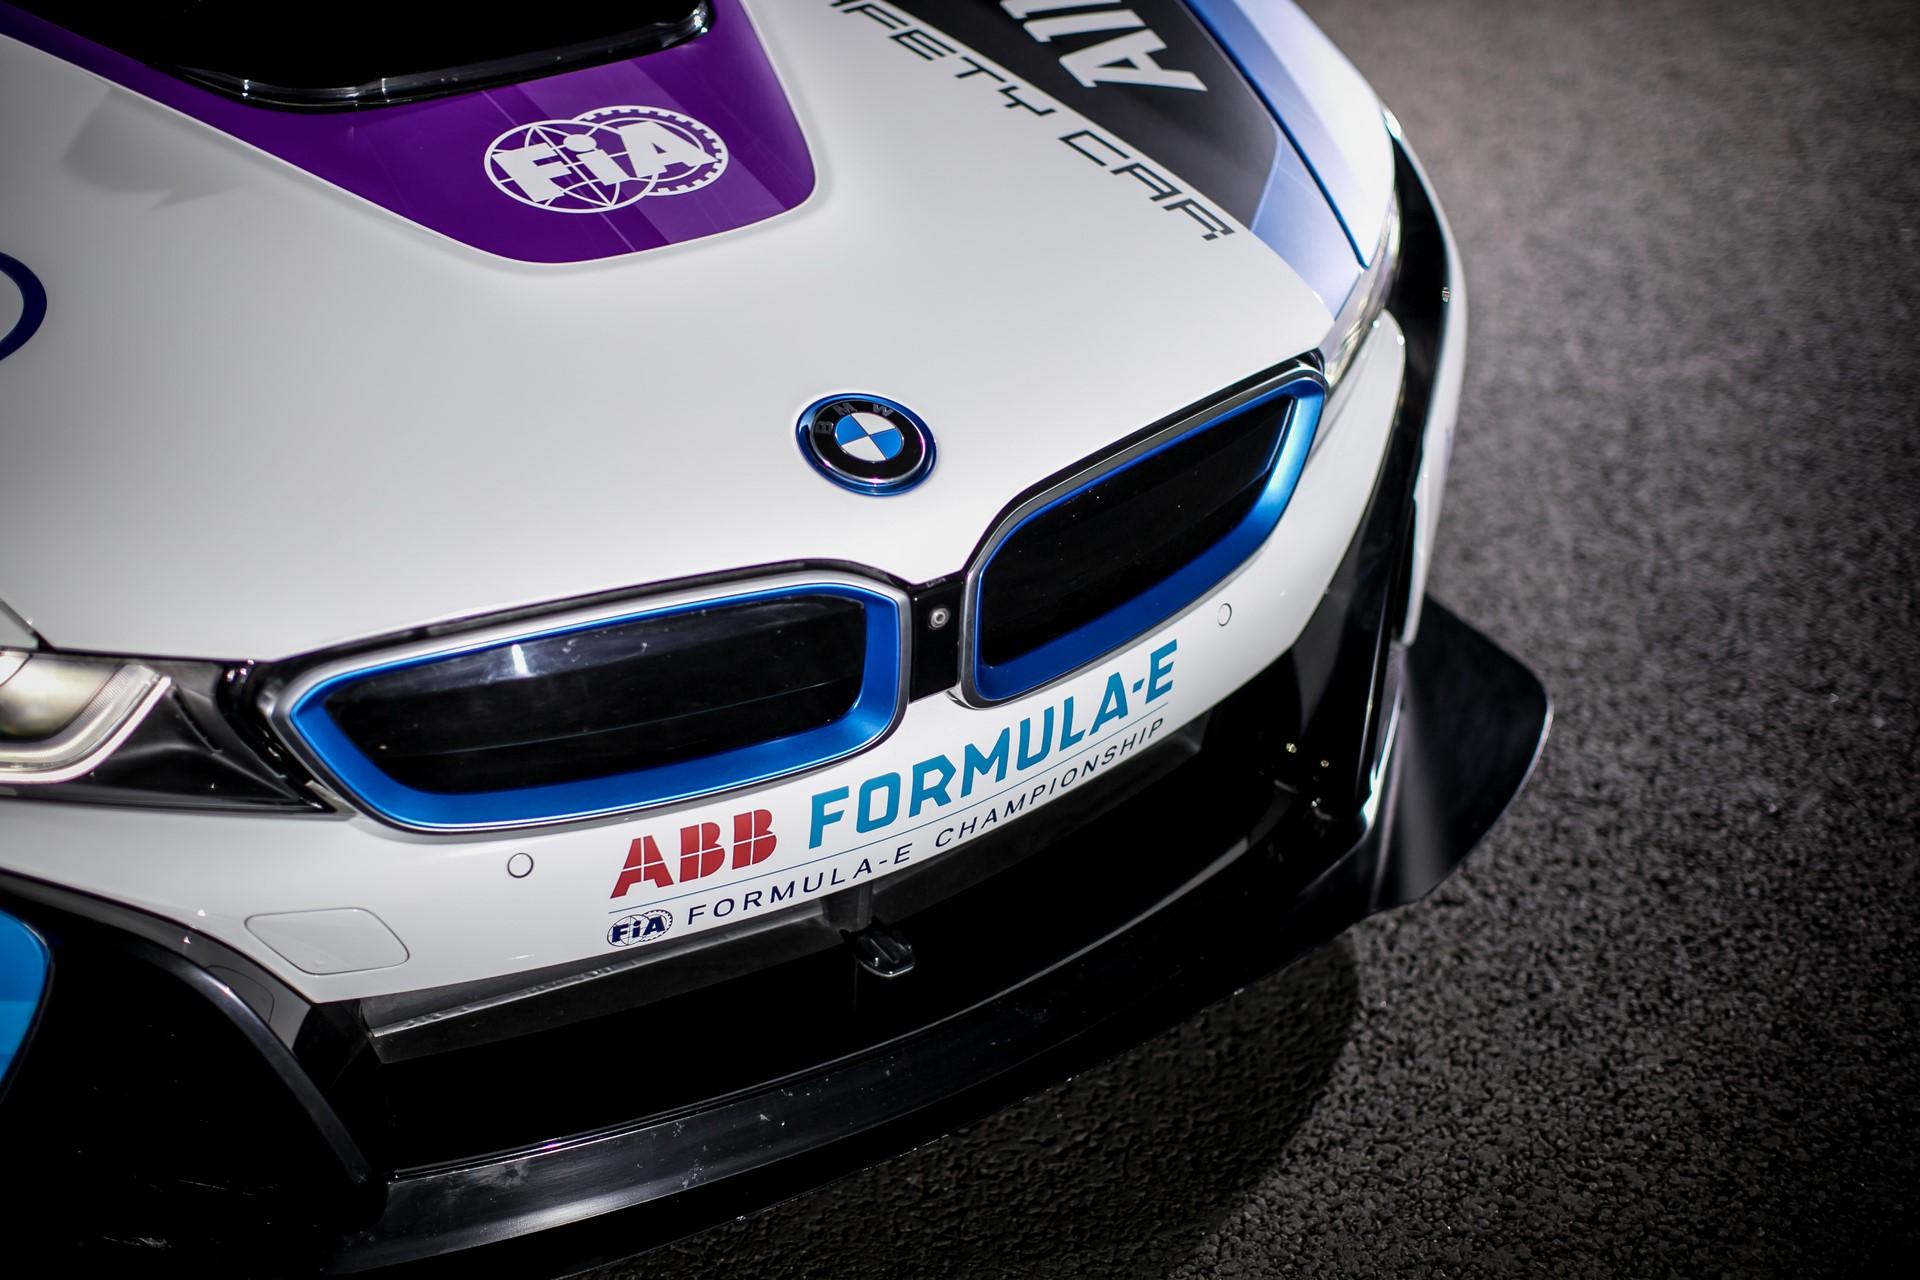 BMW i8 Formula E safety car 2019 (9)